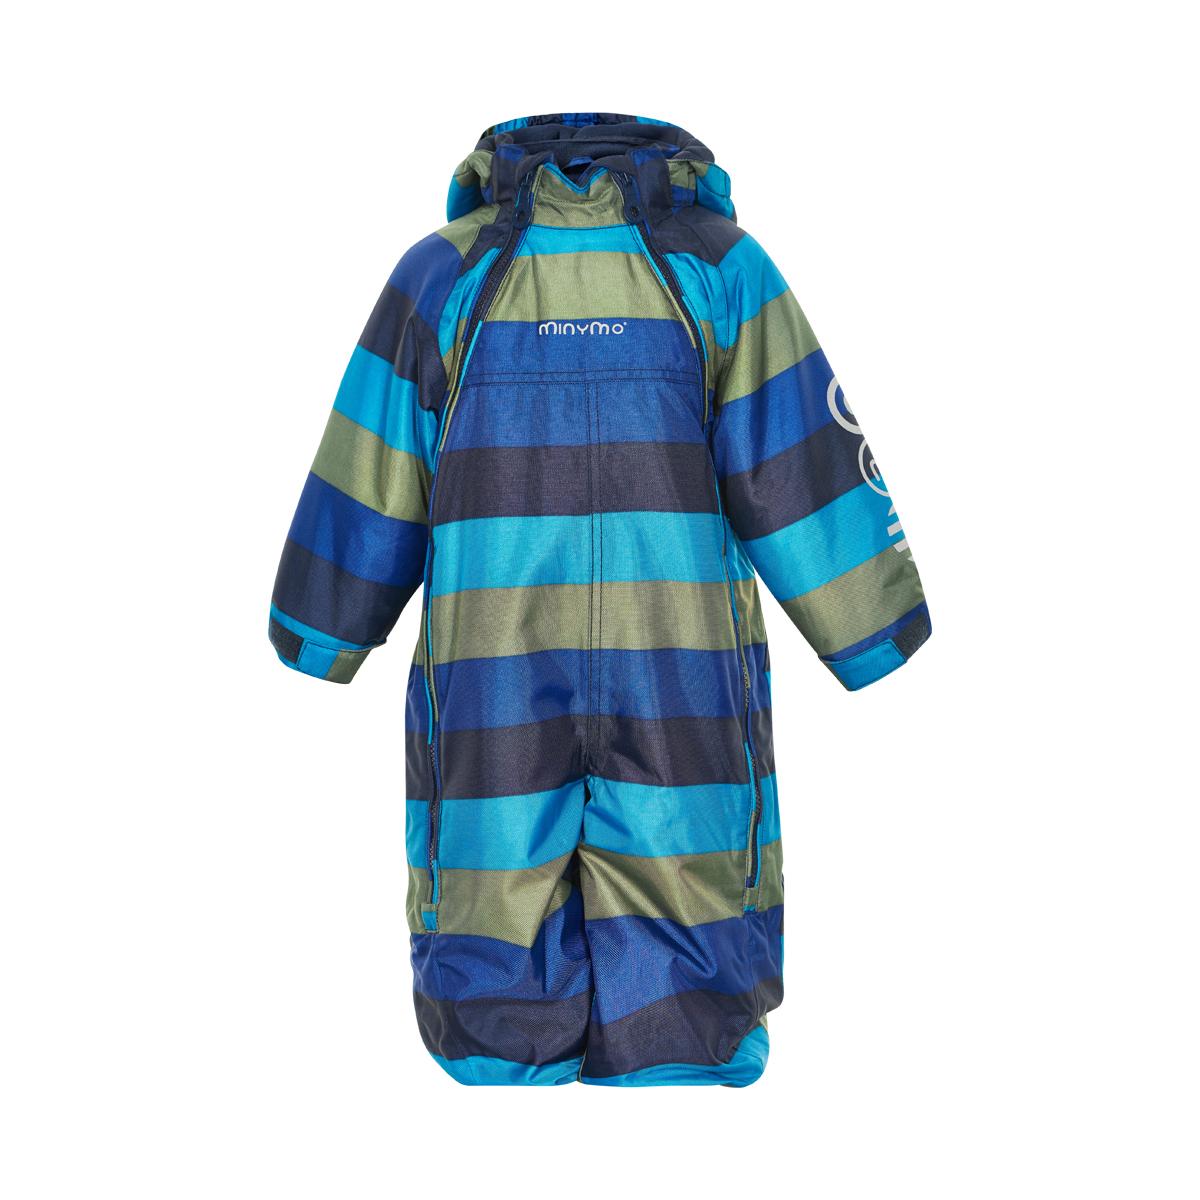 Zimny overal detsky, kombineza tmavo modra pasik s dvomi zipsami Minimo_160212_7350